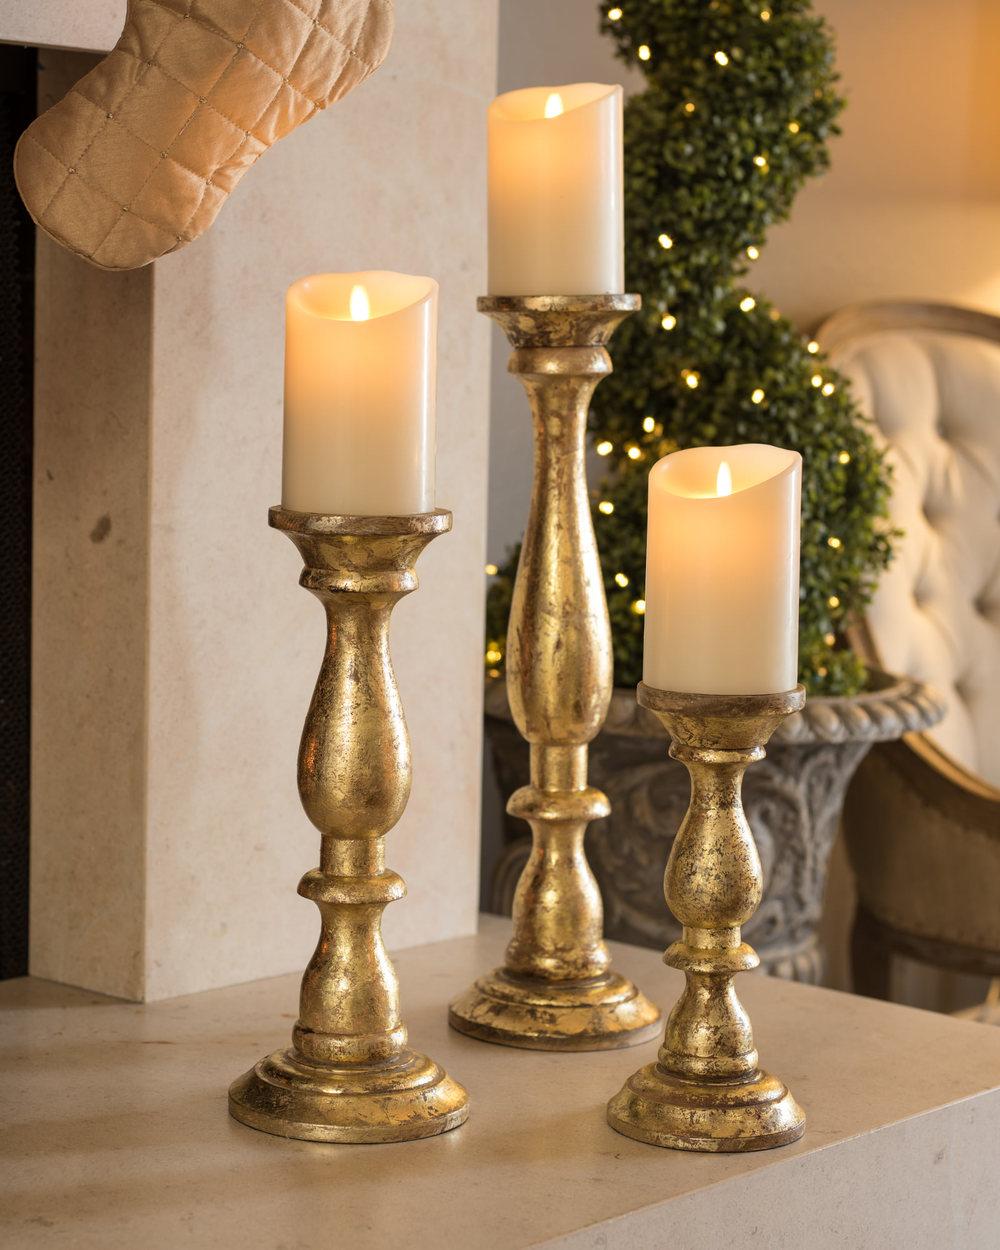 balsam-hill_golden-wood-pillar-candle-holder.jpg